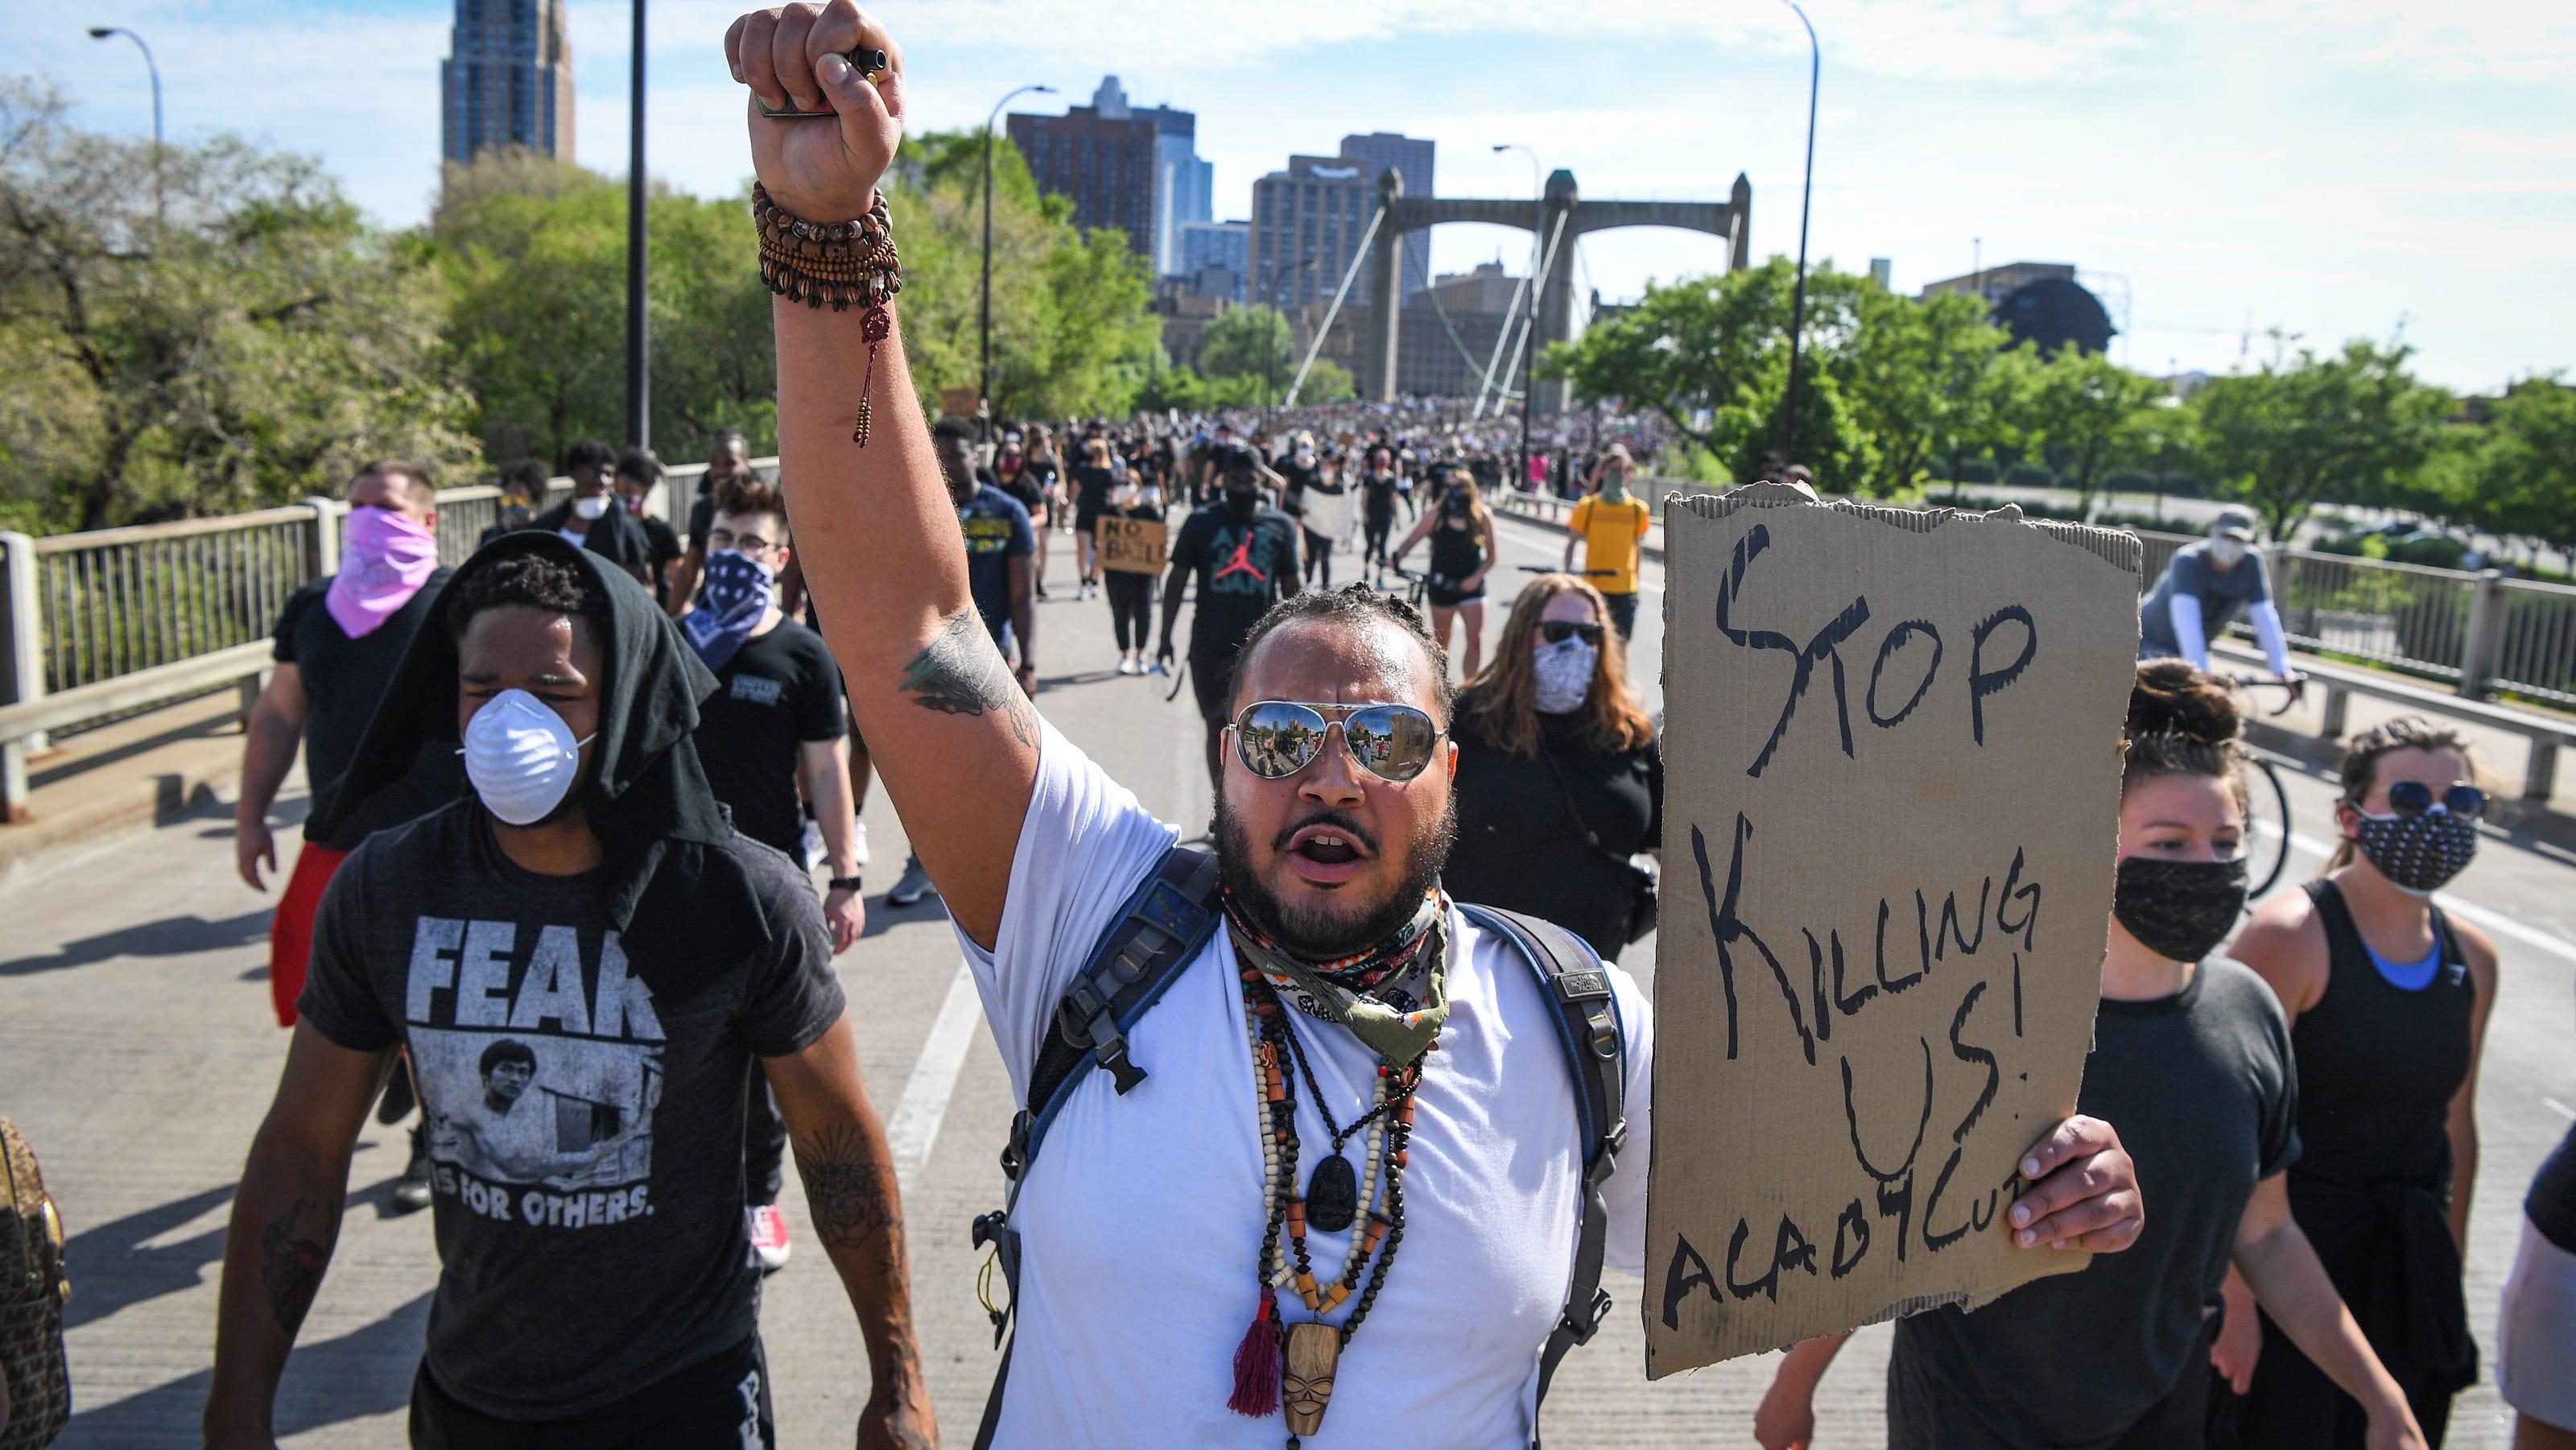 اعتراض کنندگان آمریکایی فقط سیاه پوستان نیستند